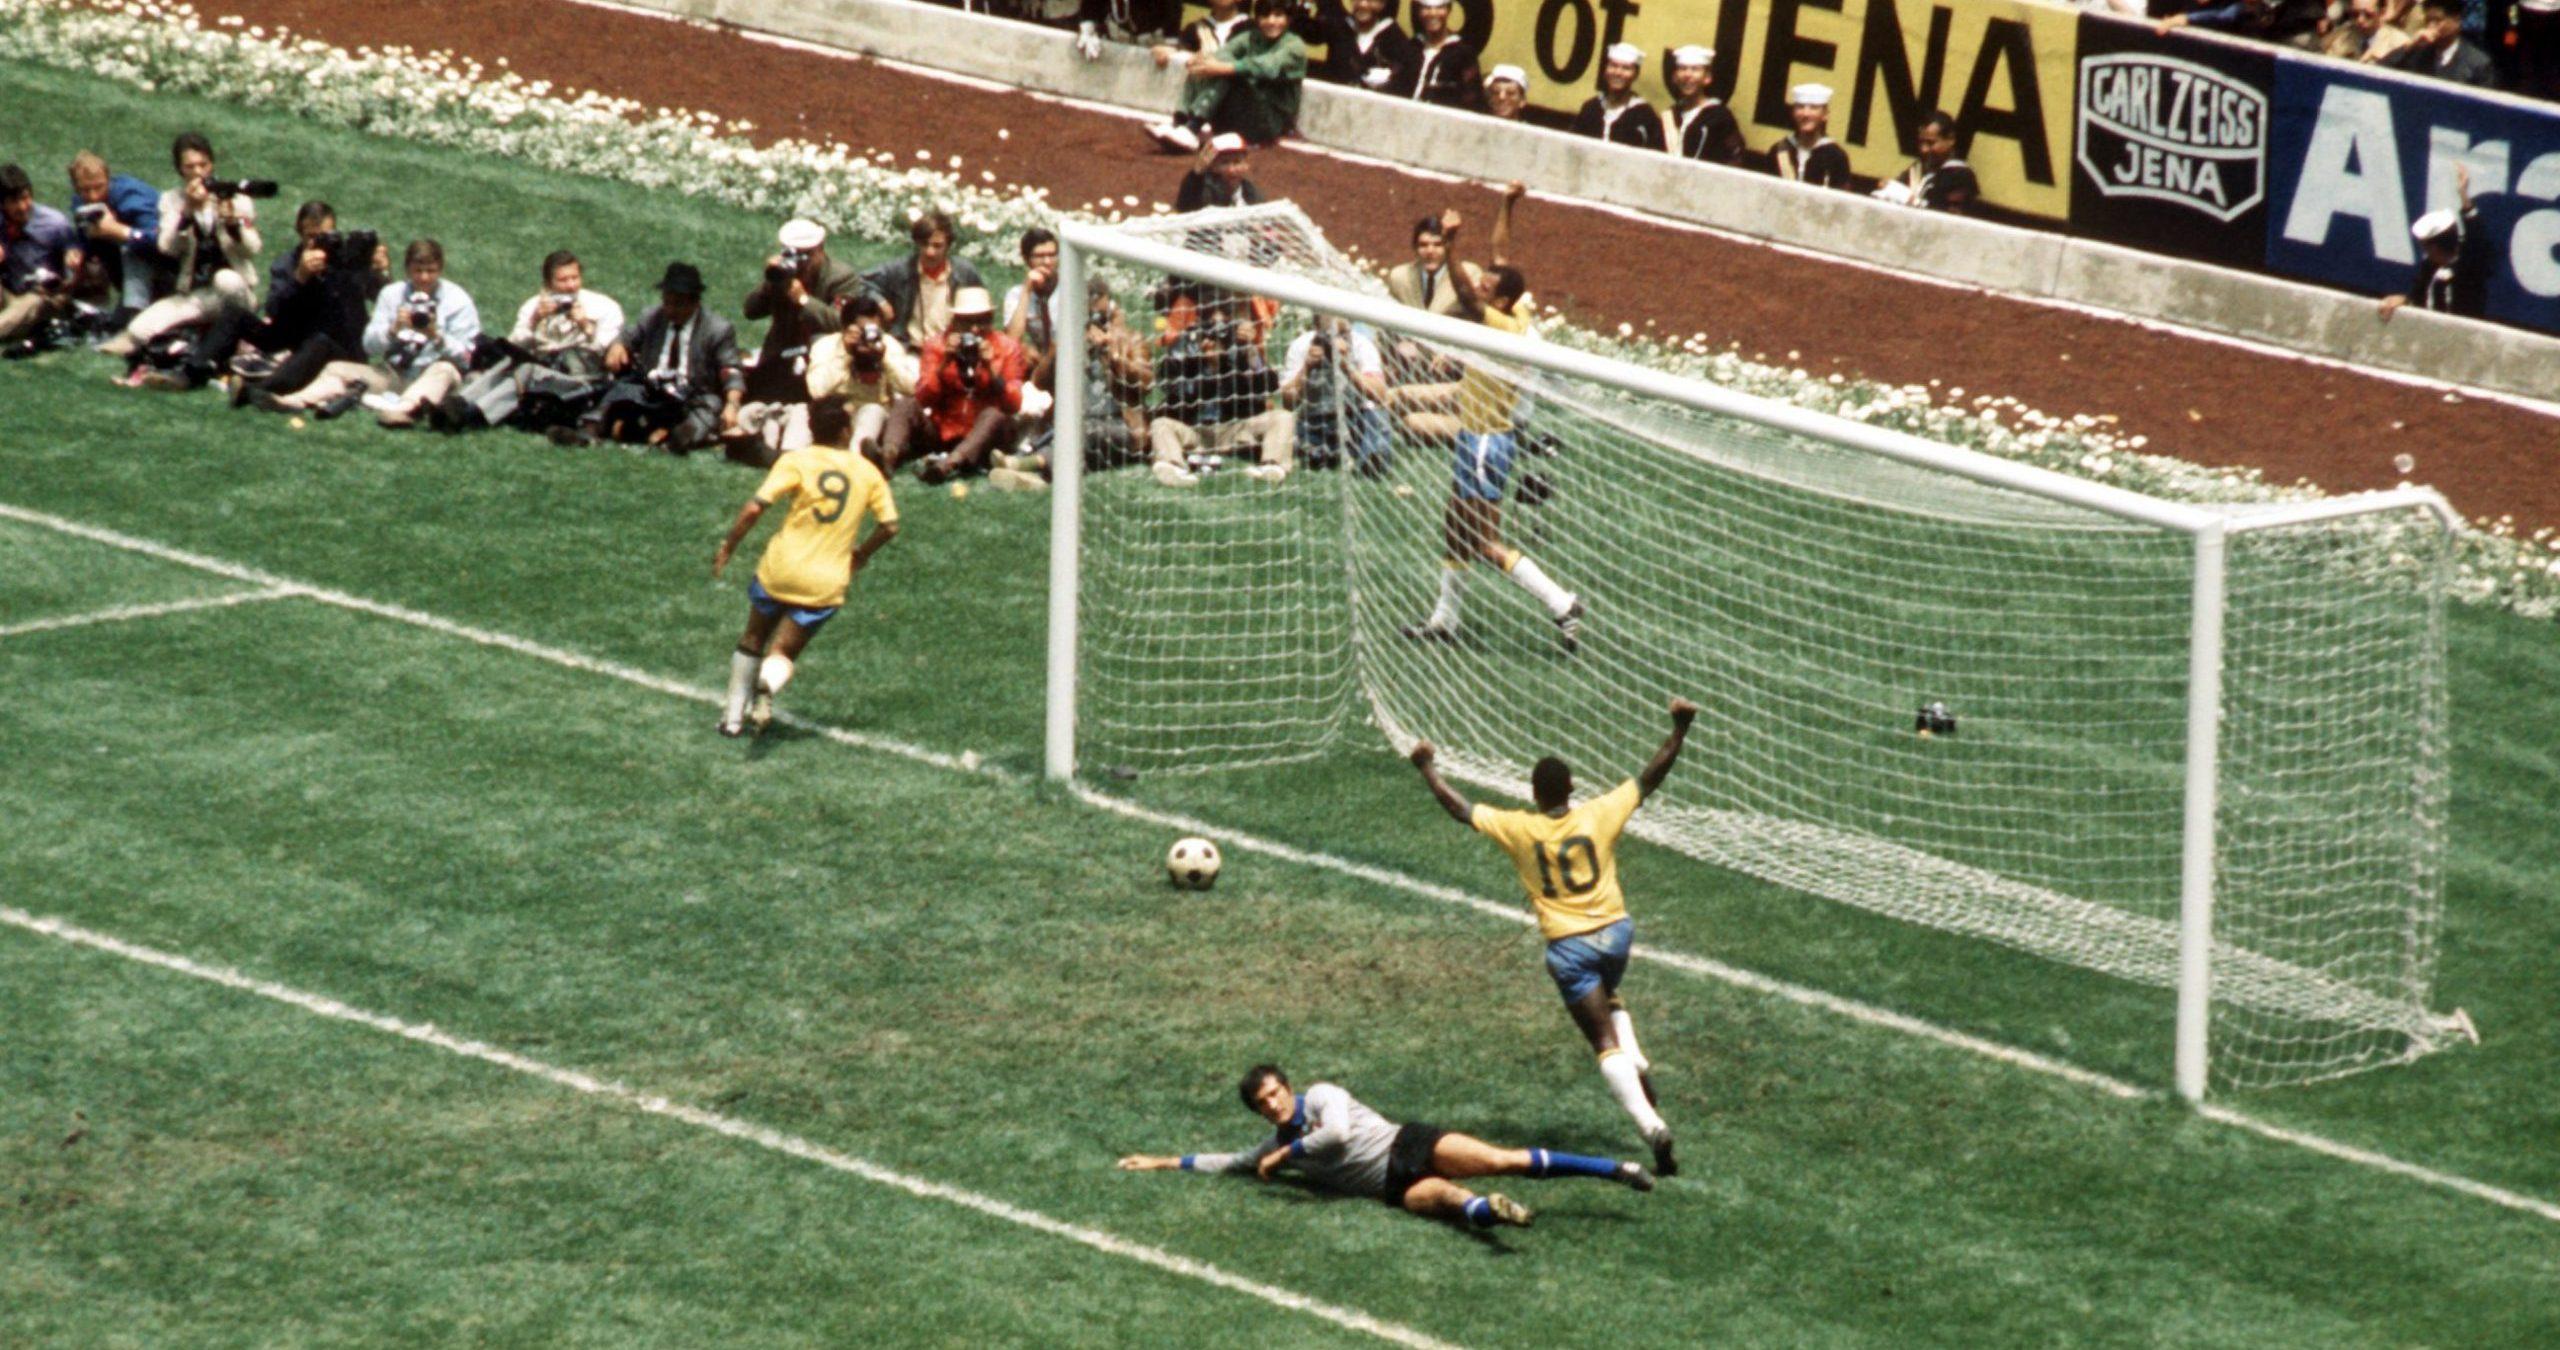 Pelé de costas levanta os braços em comemoração a um gol, com a bola ainda por passar a linha. O goleiro adversário está no chão.